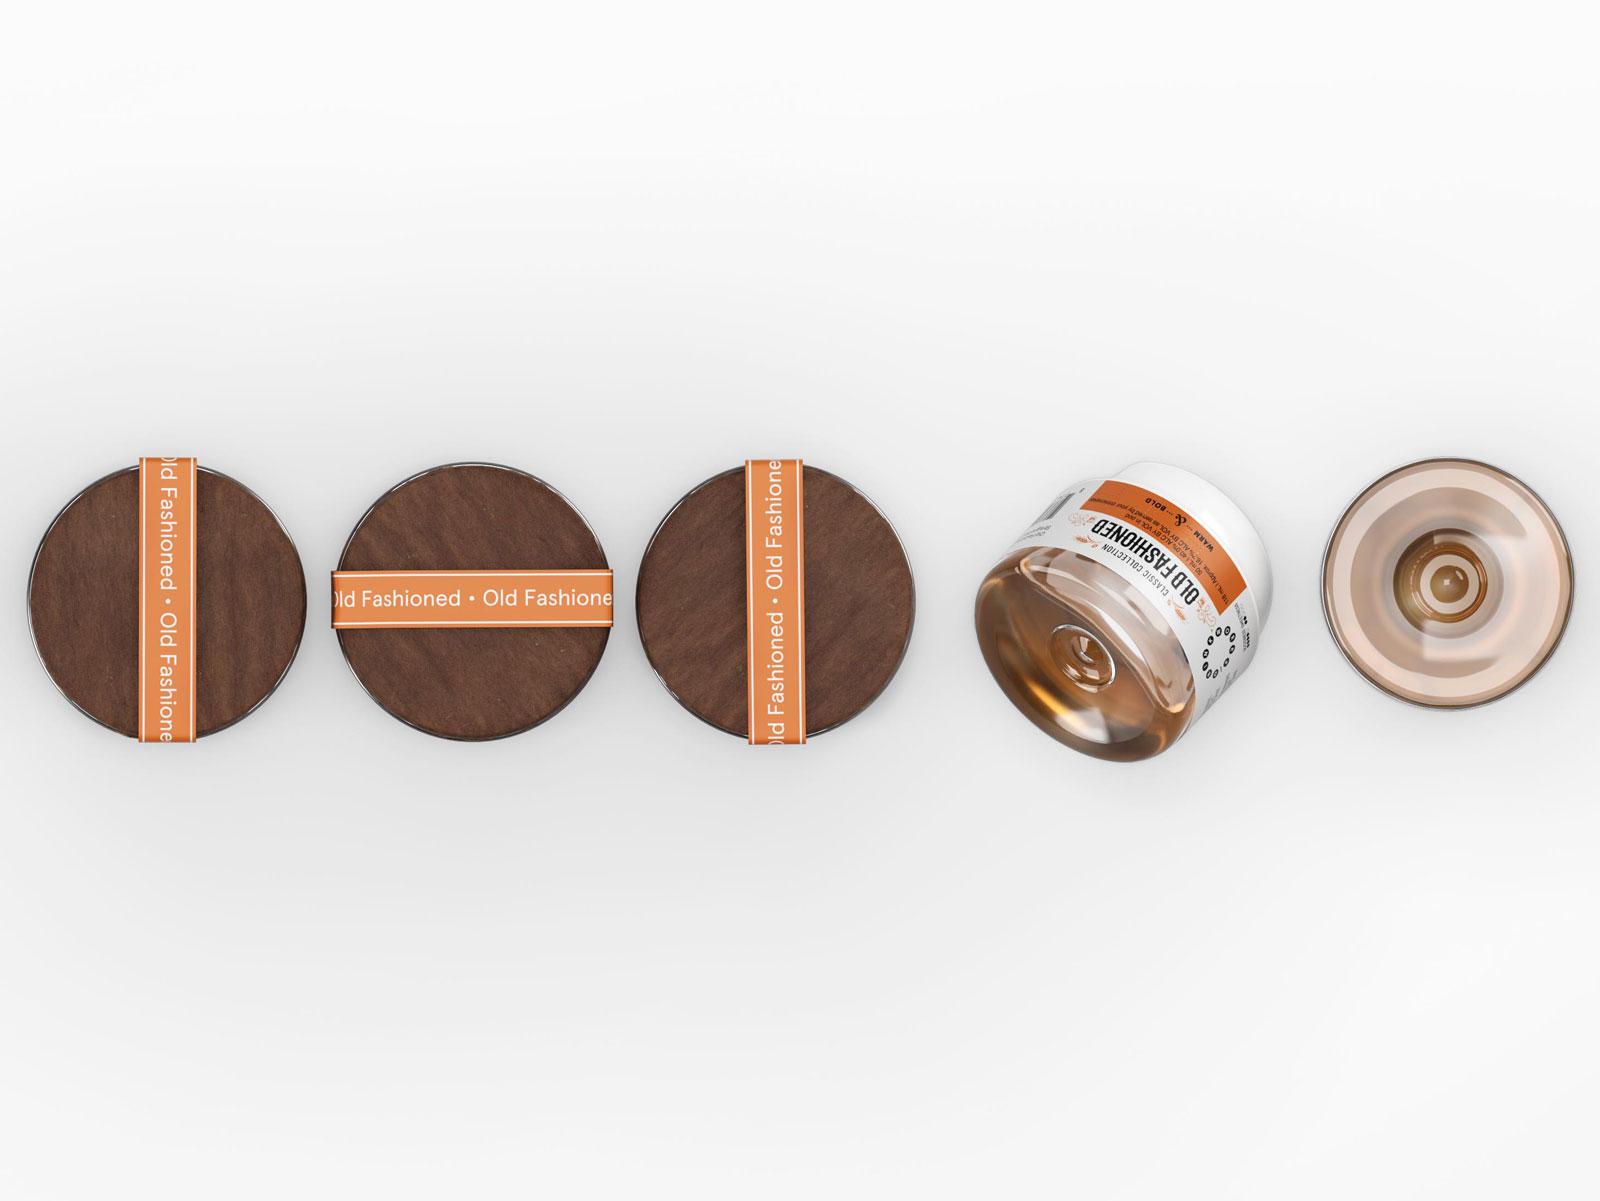 Drinkworks Home Bar Pods